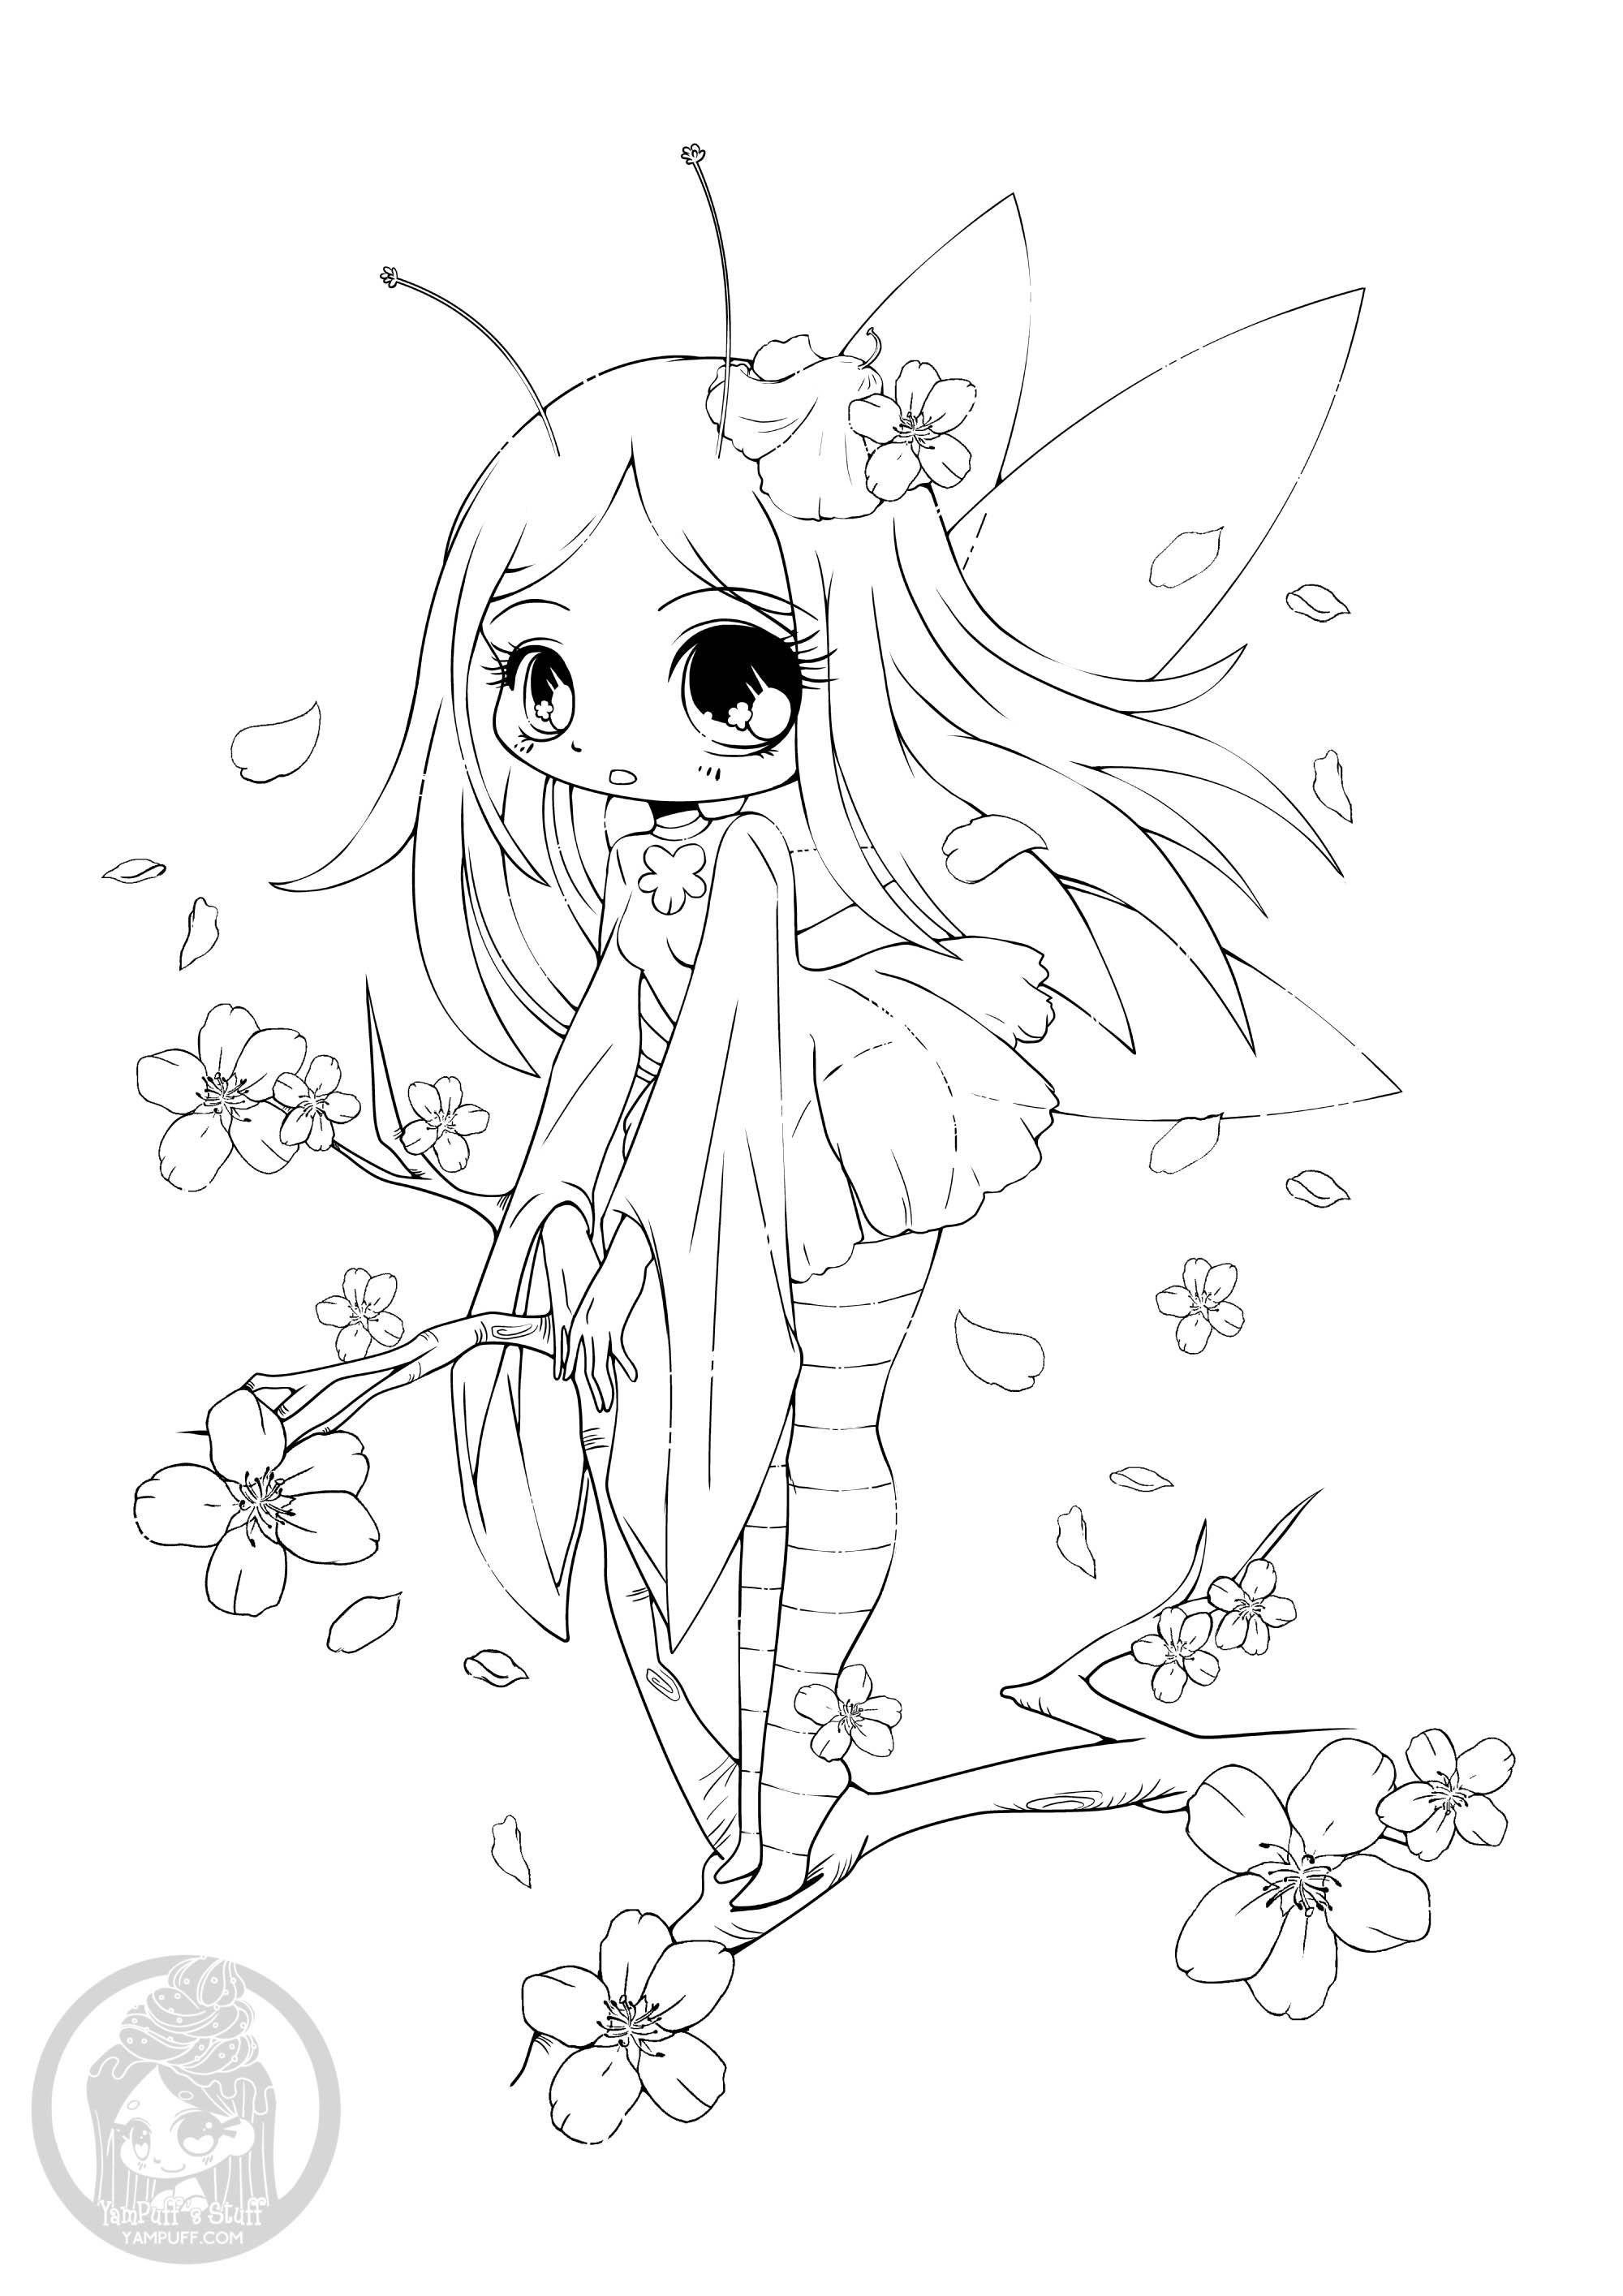 Suivez cette fée pour qu'elle vous fasse visiter son cerisier! Vous allez adorer!